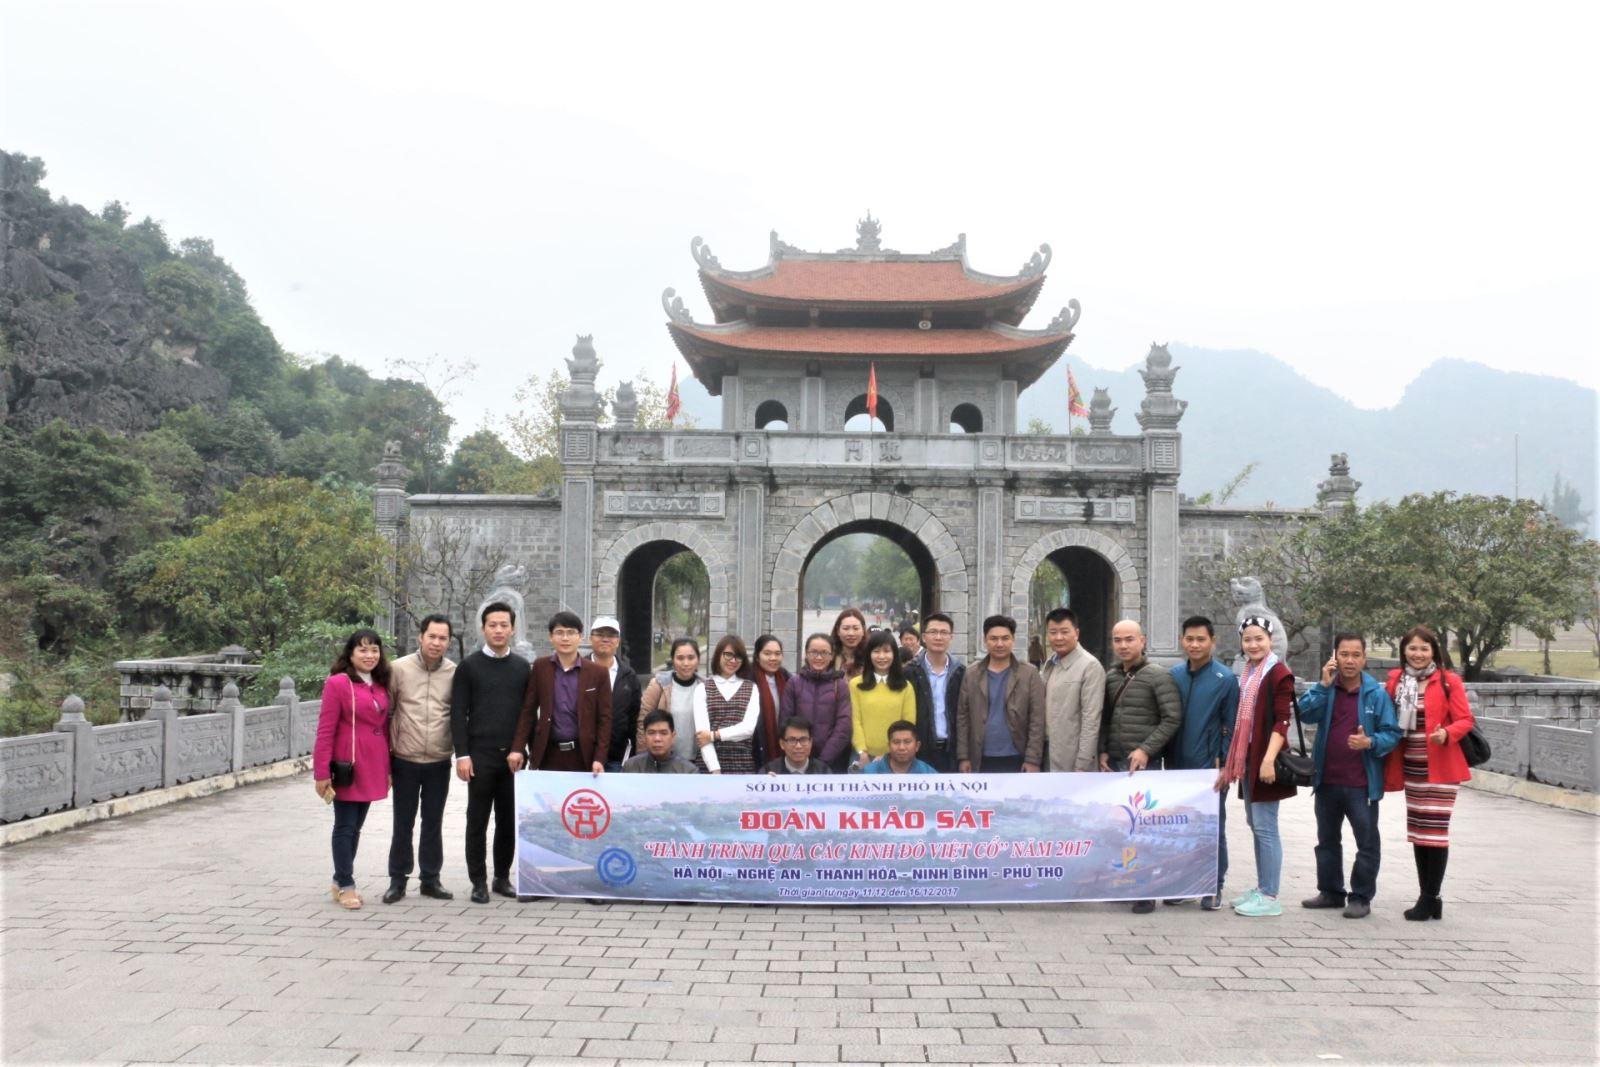 Khảo sát xây dựng chương trình du lịch qua các Kinh đô Việt cổ